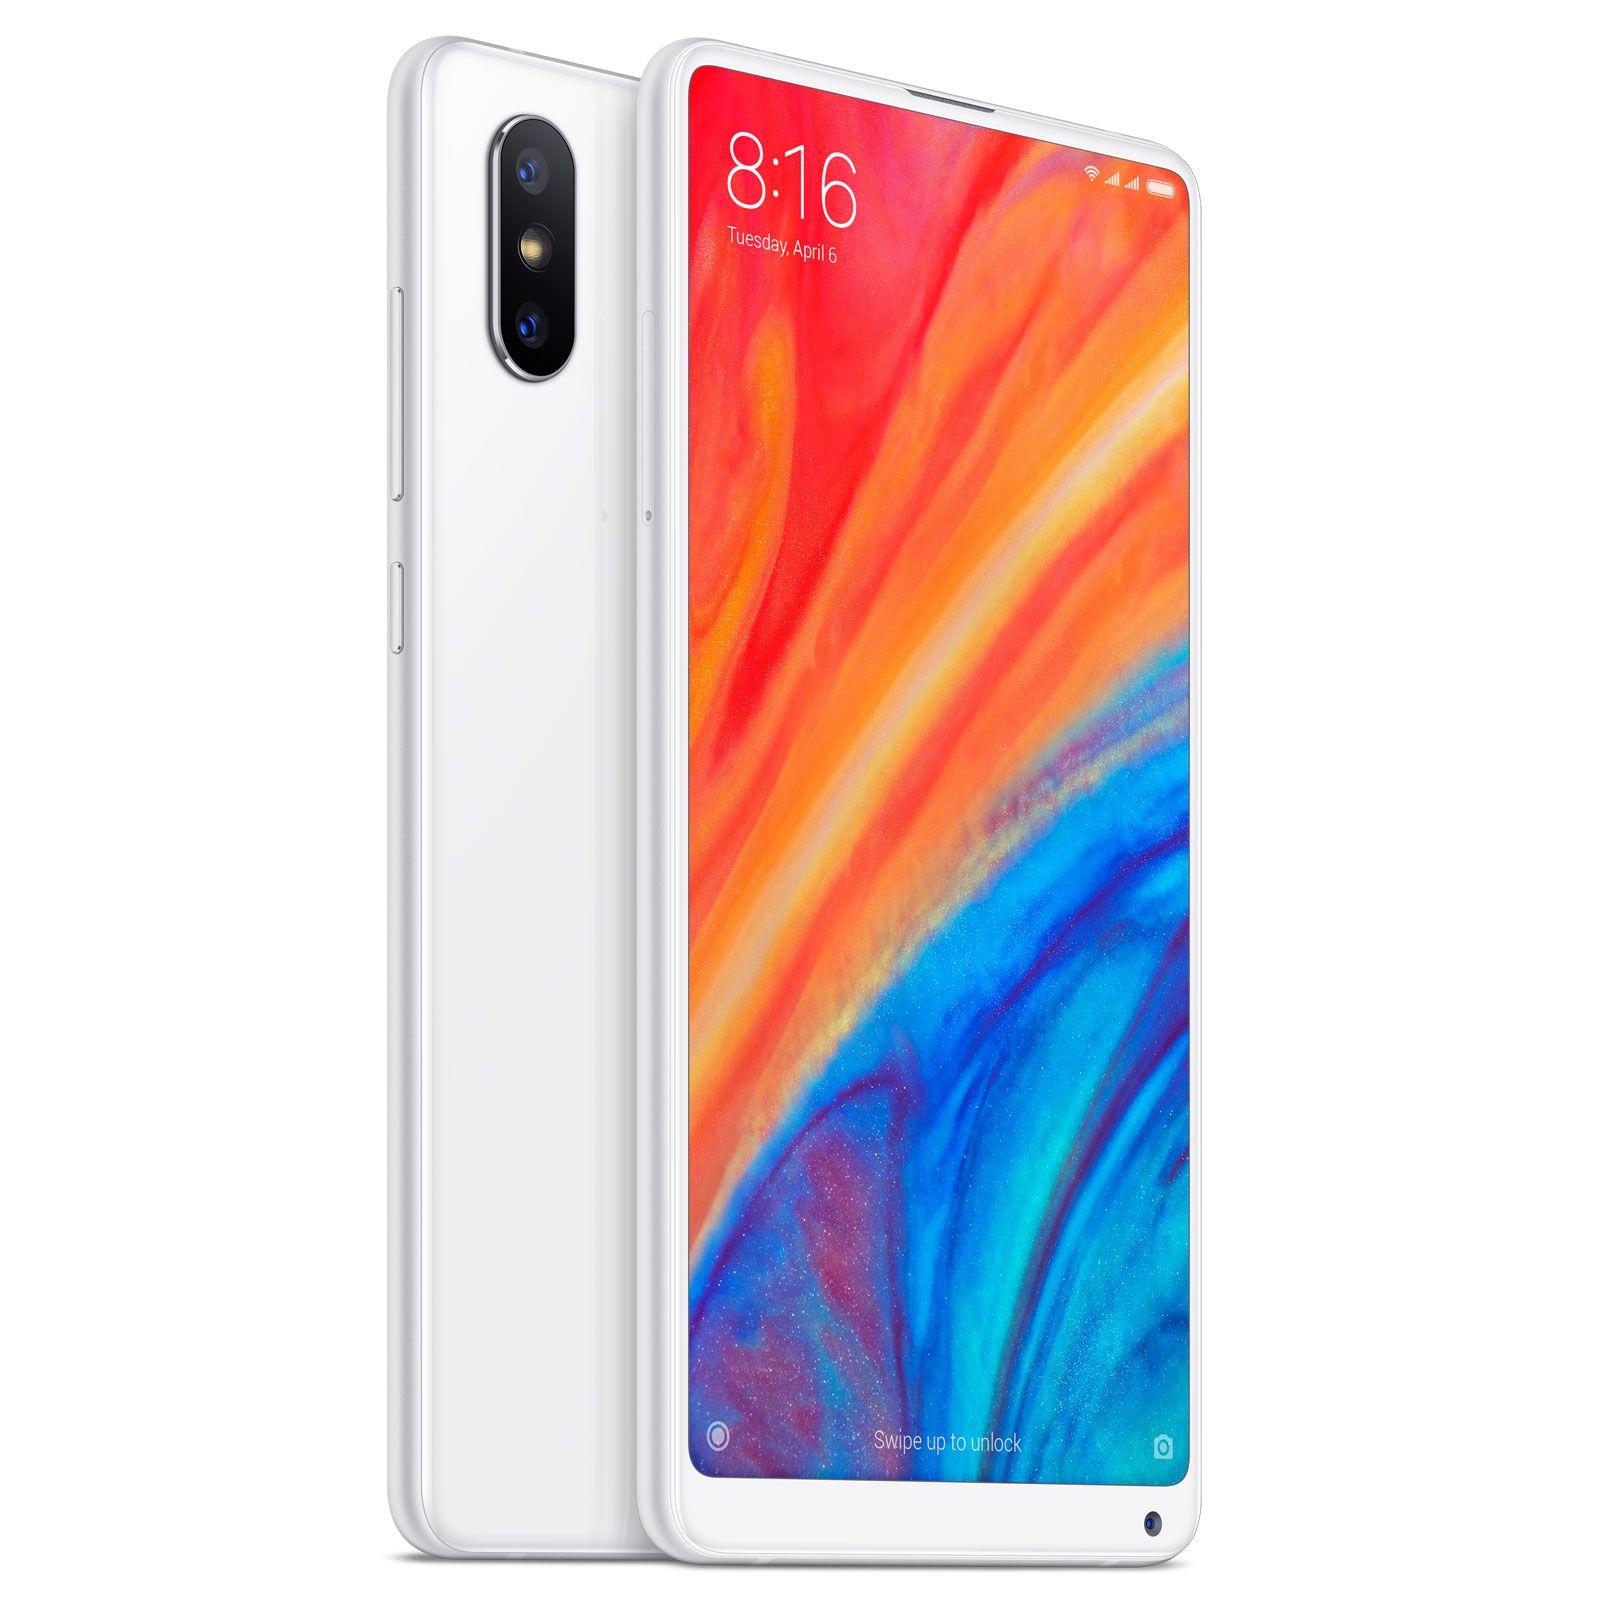 """Smartphone 5.99"""" Xiaomi Mi Mix 2S (Noir ou Blanc) - 4G (B20), Full HD+, SnapDragon 845, RAM 6 Go, ROM 64 Go"""